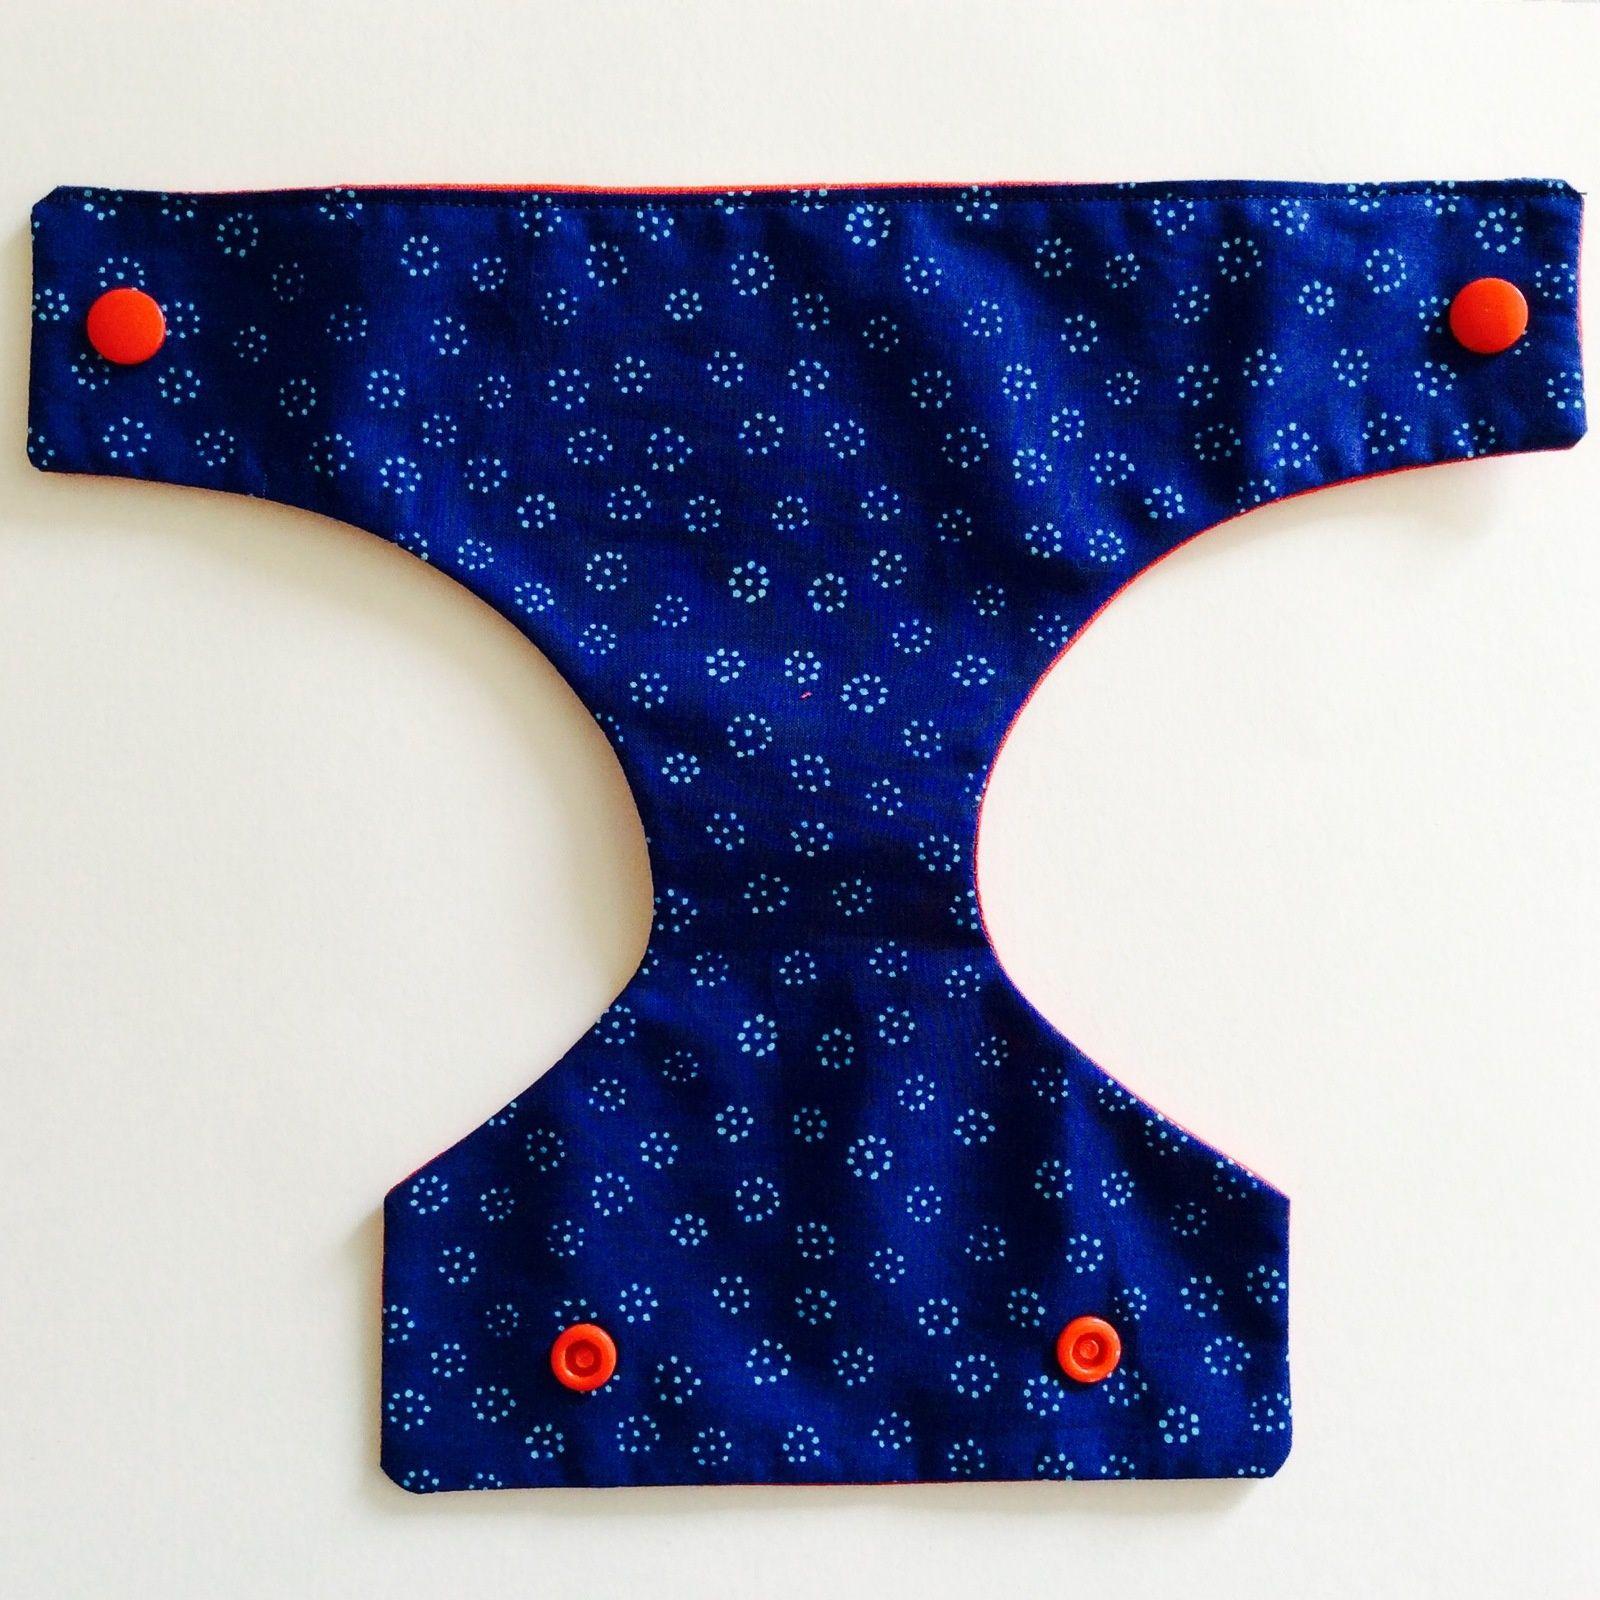 tuto couche culotte pour poup e couture poup es pinterest culotte tuto et vetement poupee. Black Bedroom Furniture Sets. Home Design Ideas